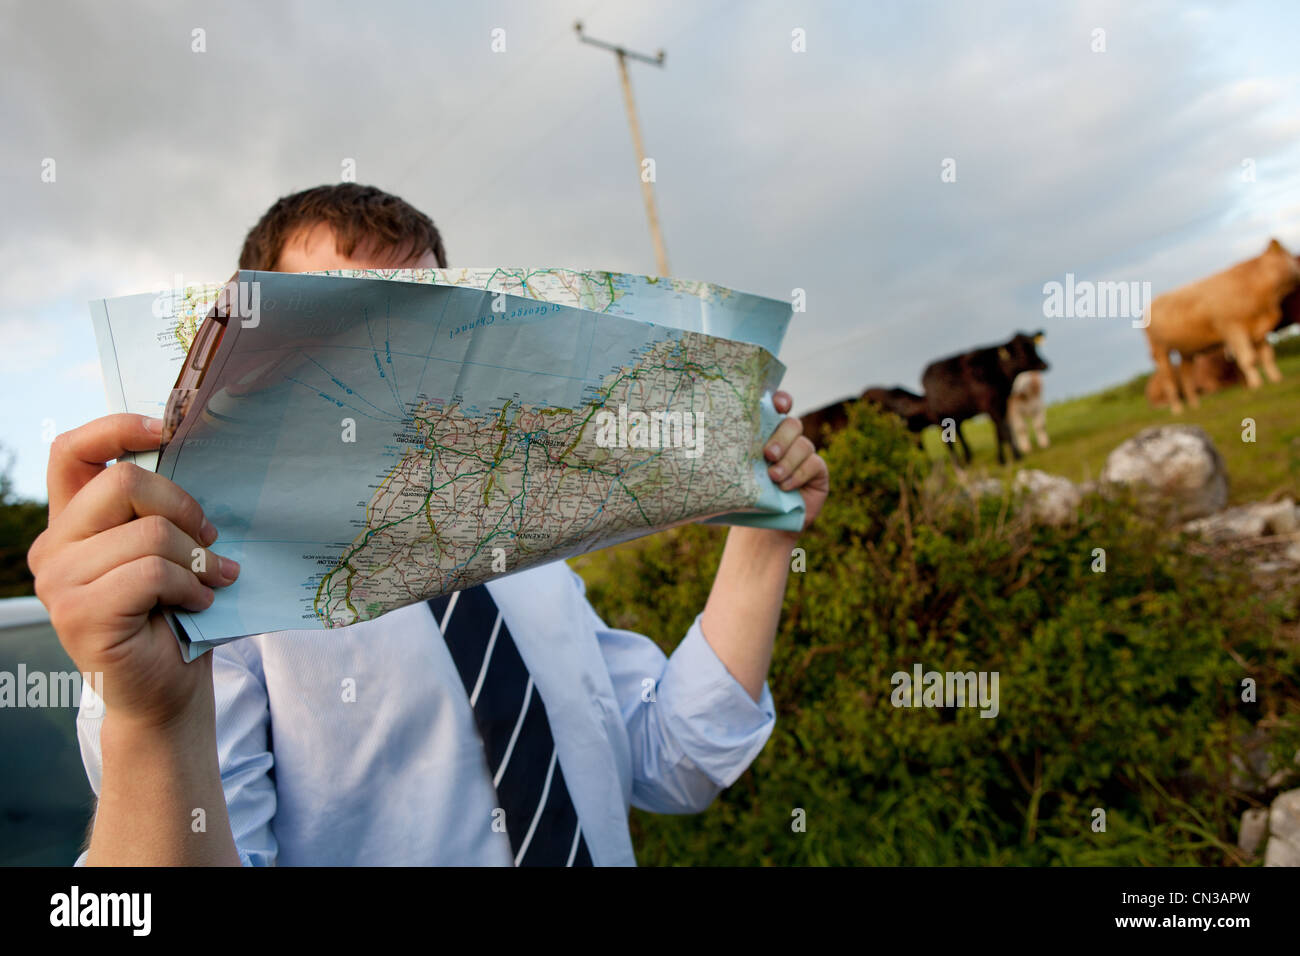 Empresario leer mapa en campo Imagen De Stock